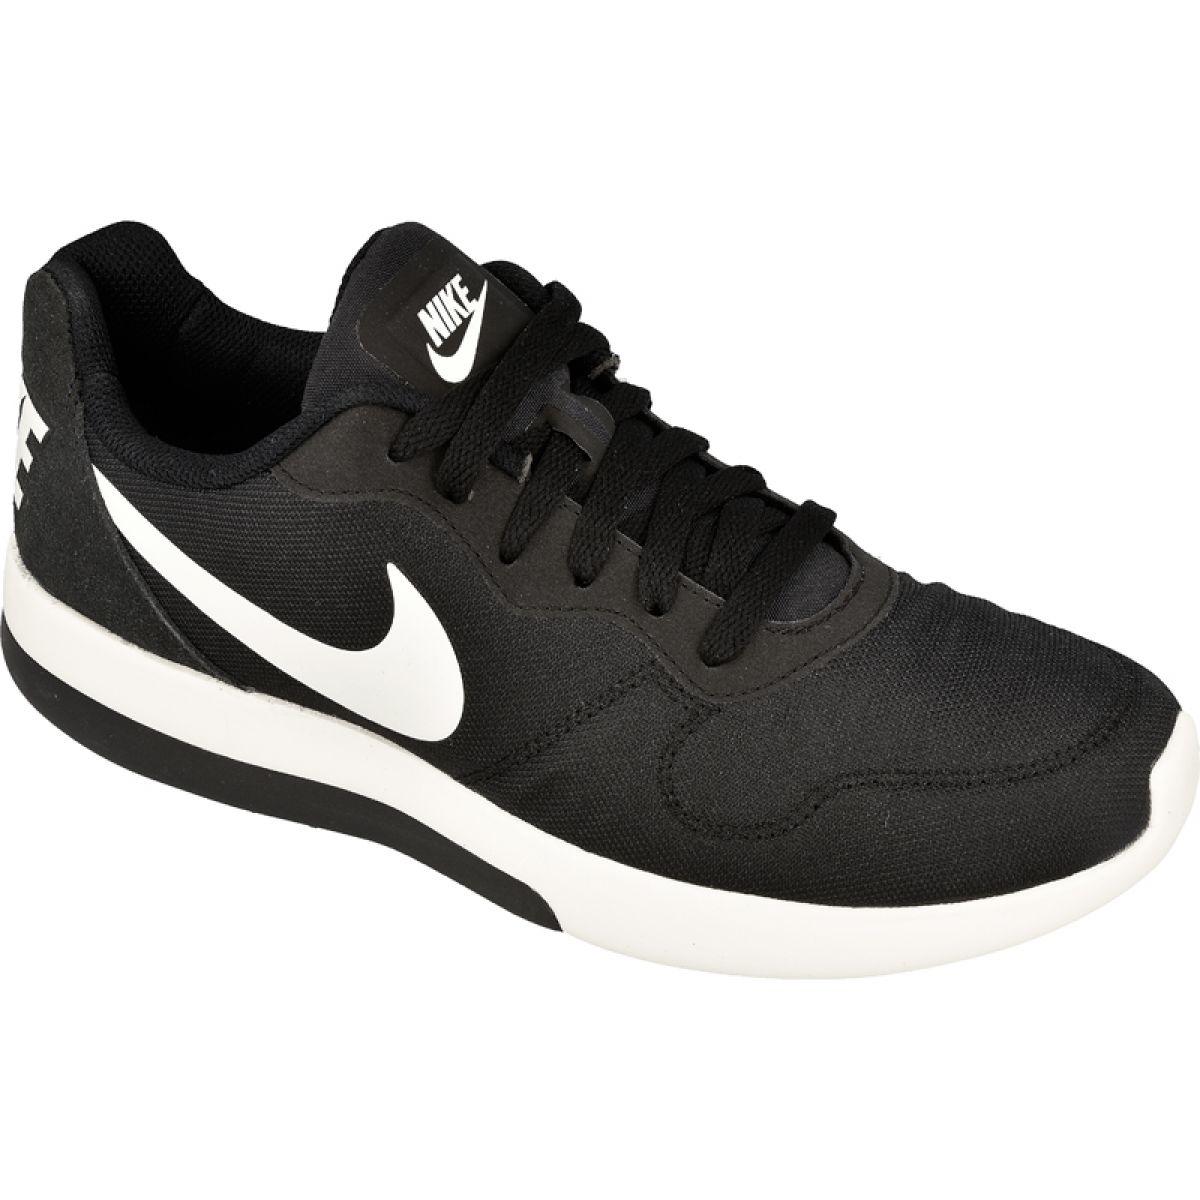 Zapatillas Nike MD Runner 2 '19 Negro